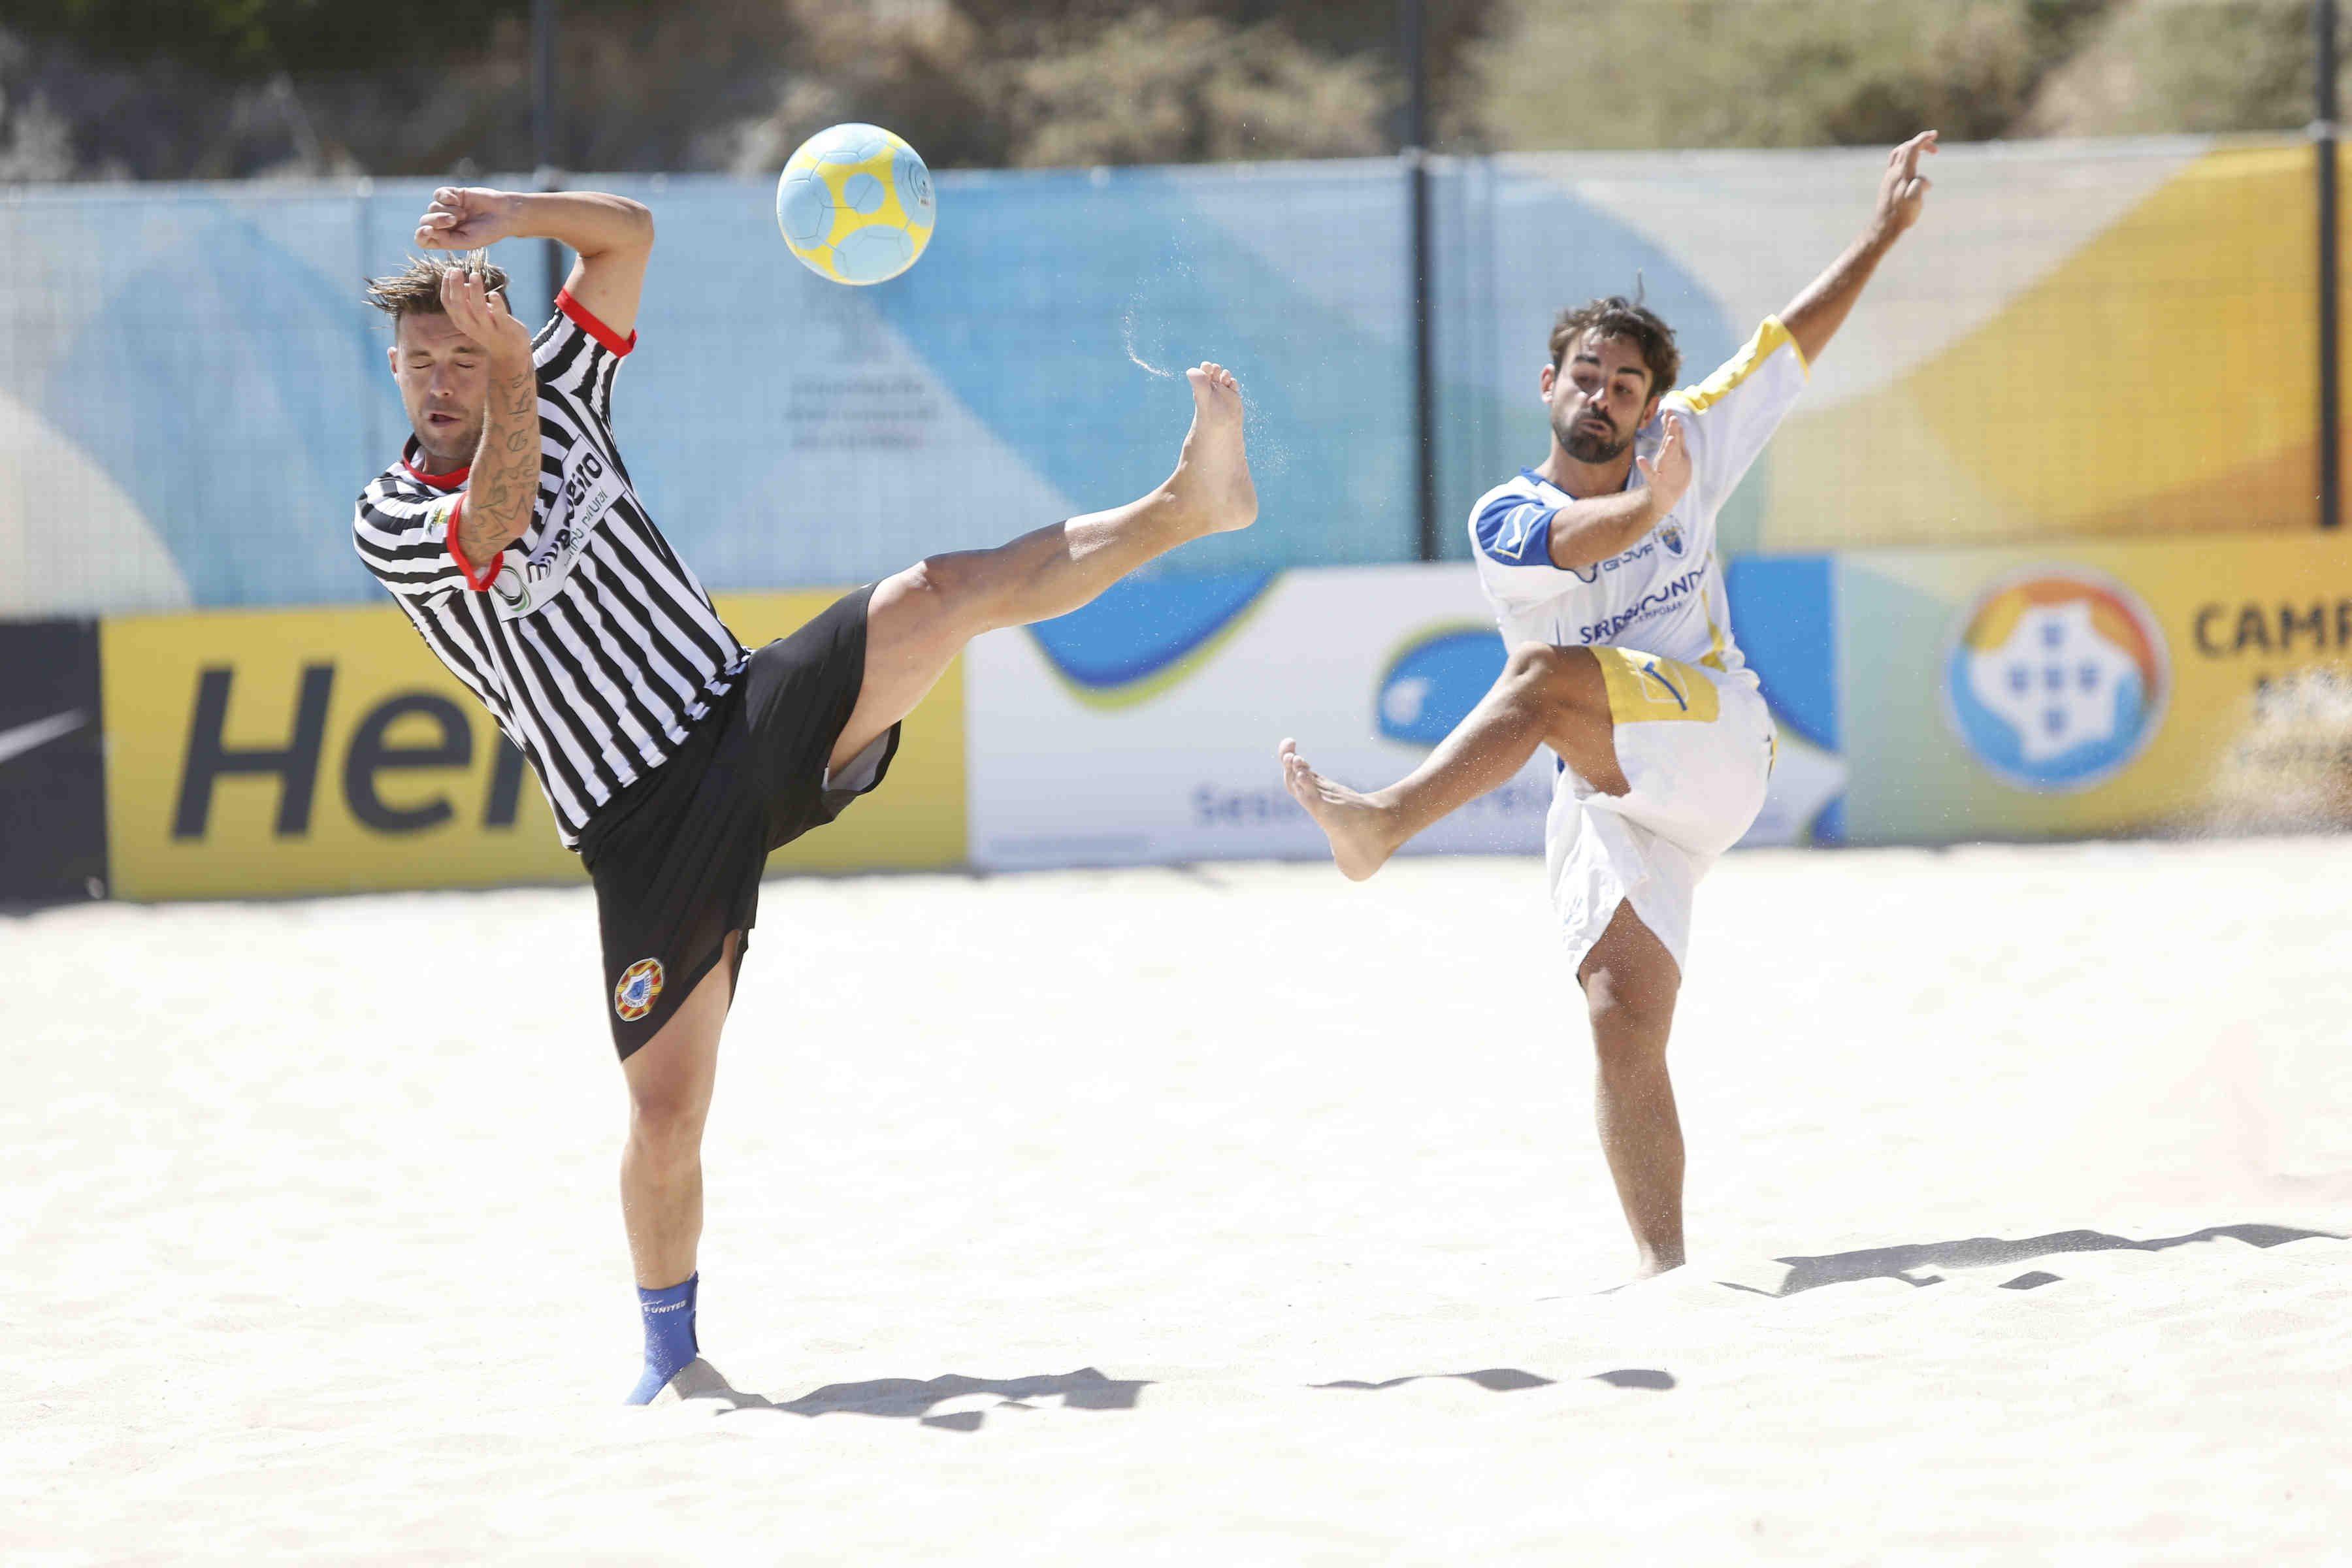 172eb84145 Camp. Nacional Futebol Praia - Notícias e agenda